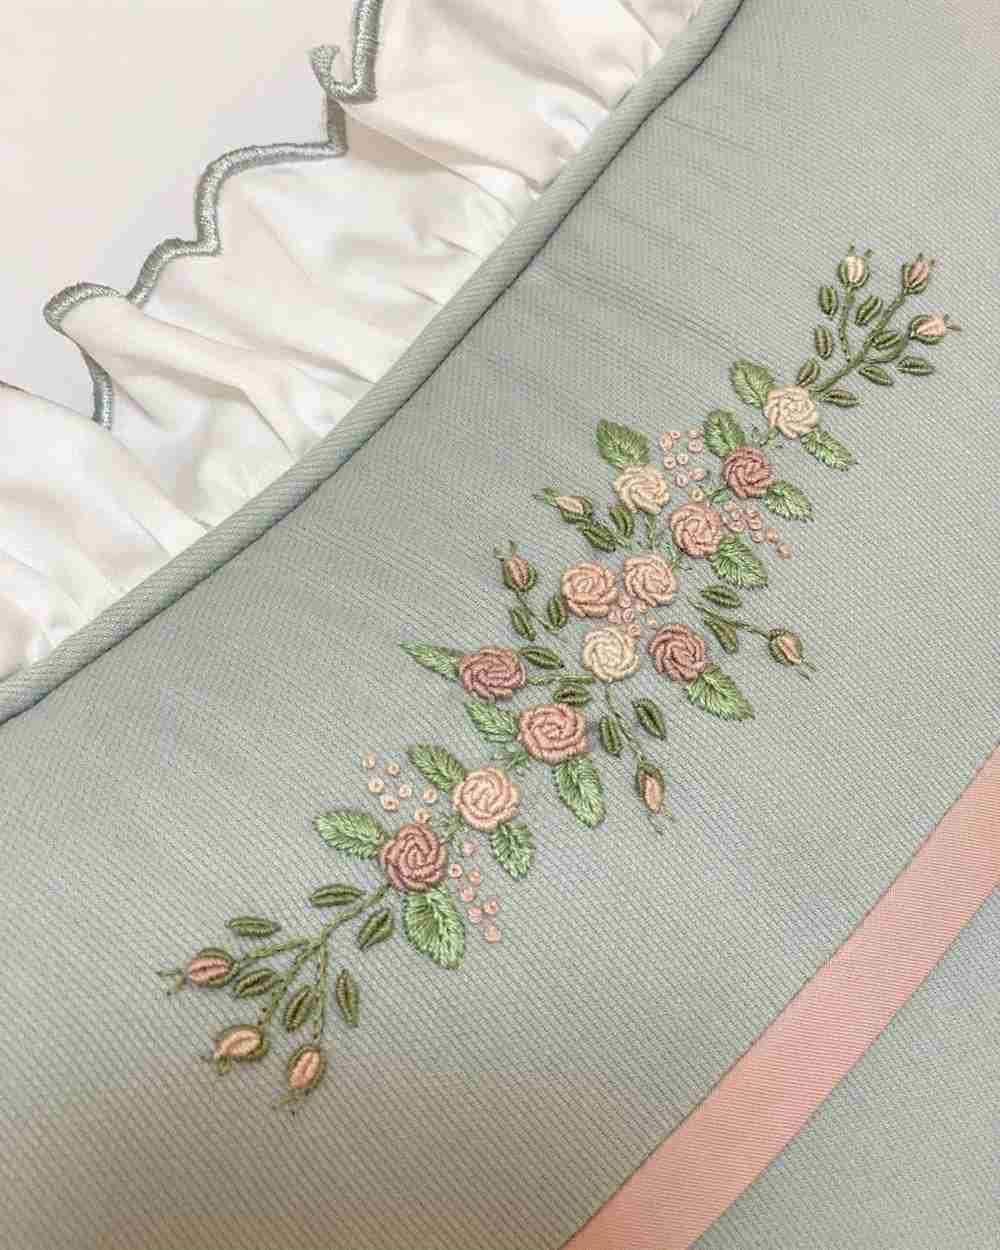 bordado de rosas rococó